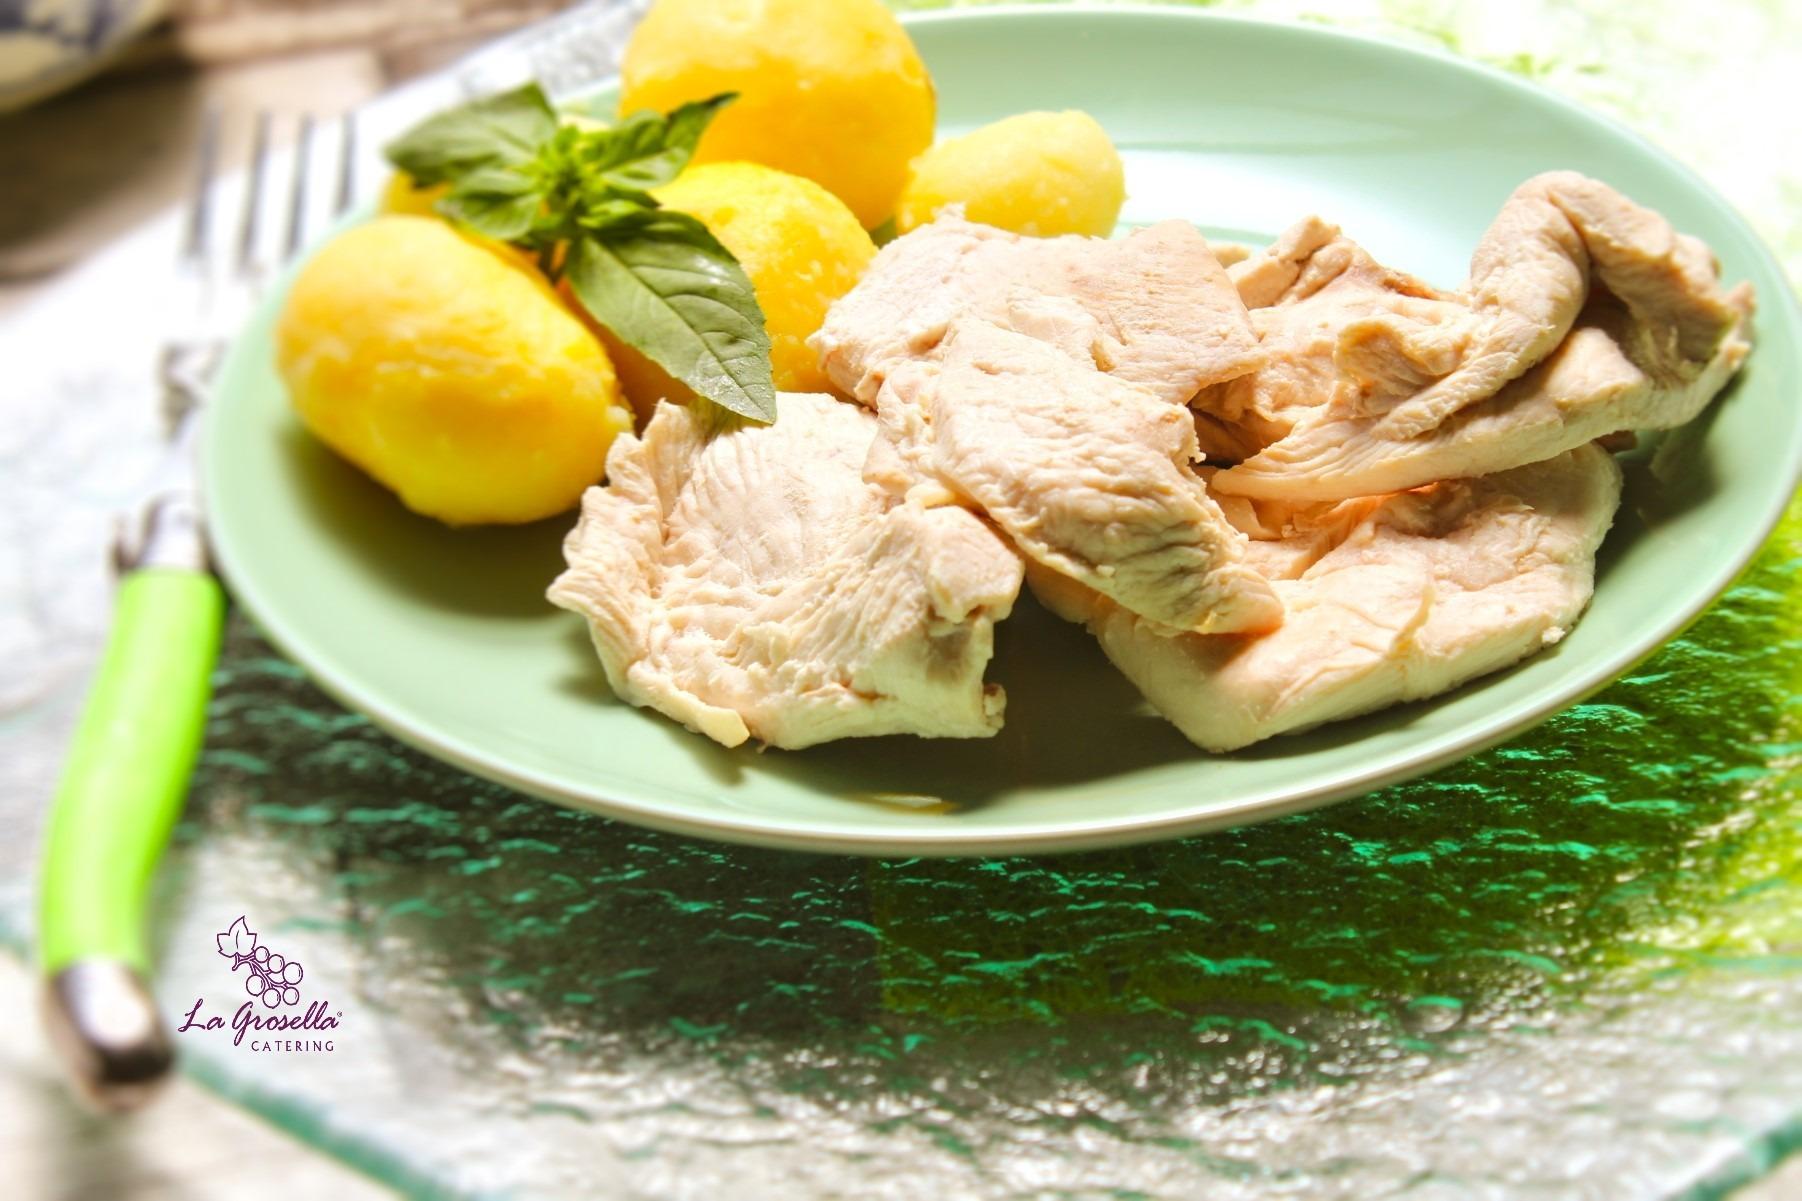 Pechuga de pollo cocido